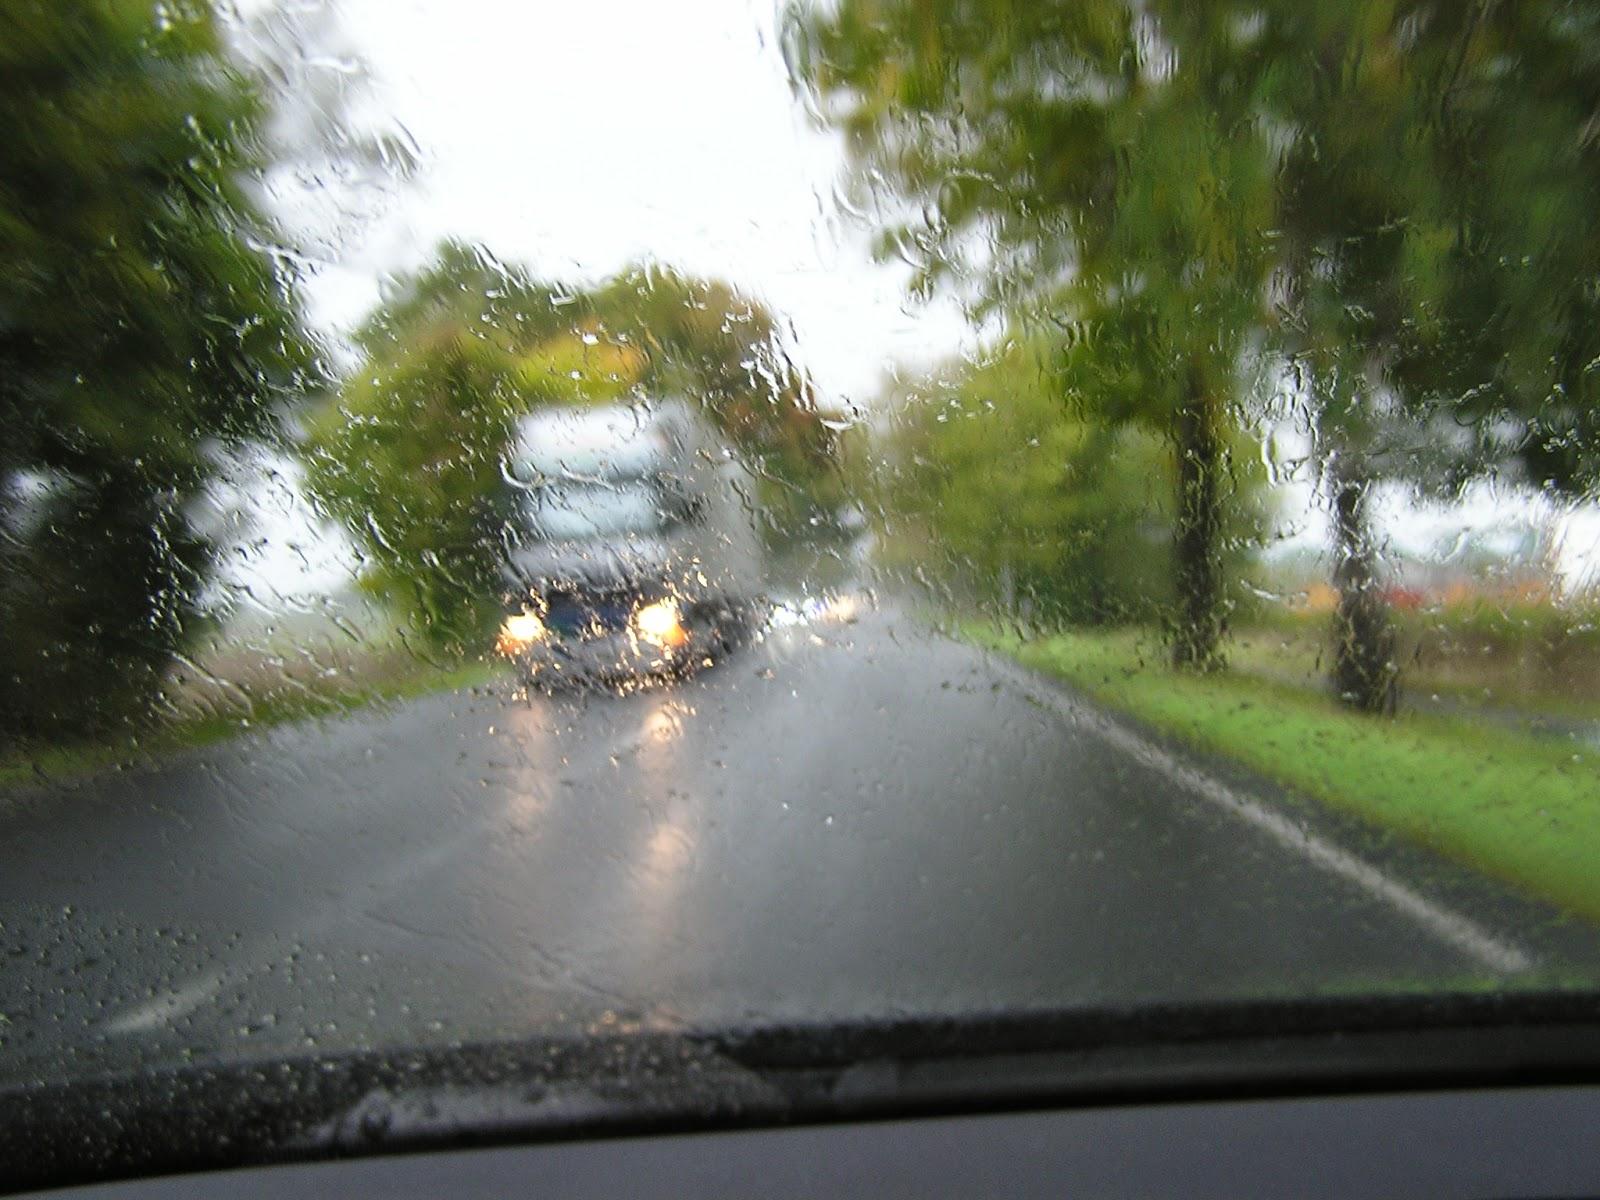 LKW  im Regen als Gegenverkehr kaum grosse Sicherheit wegen schlechter Sicht